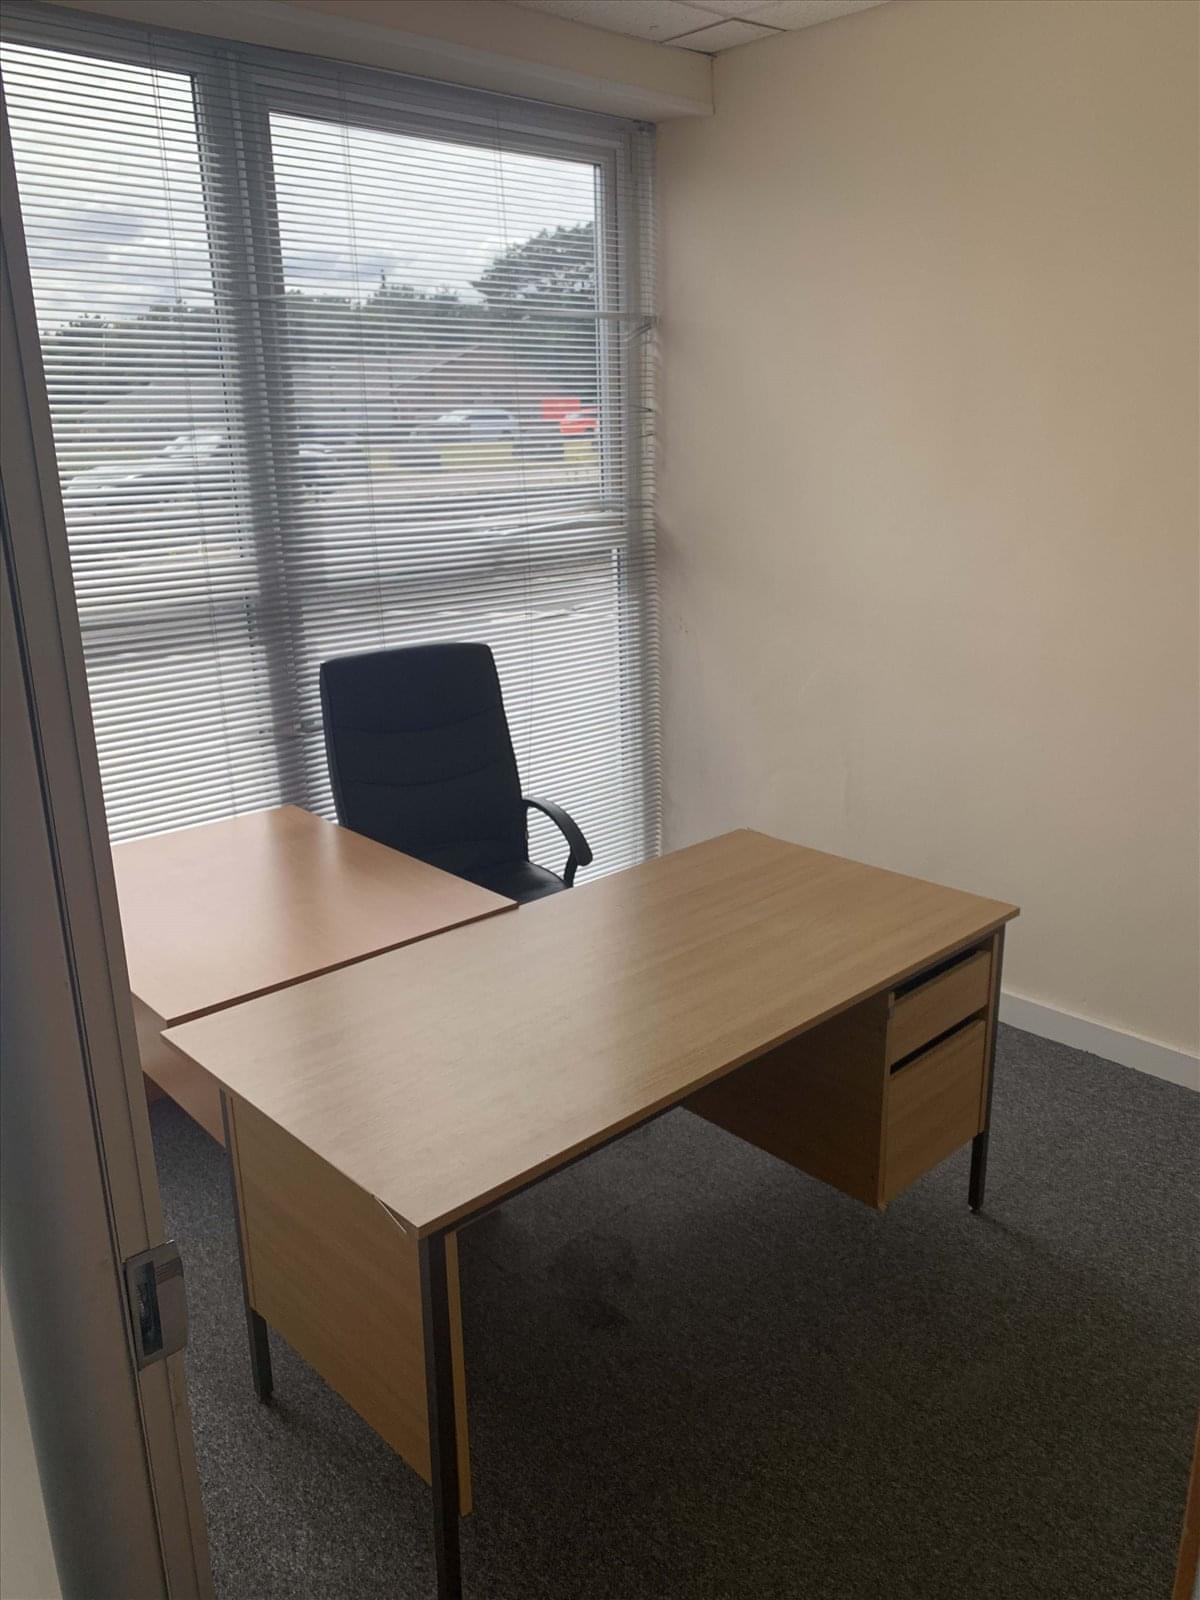 518 Wallisdown Road Office Space